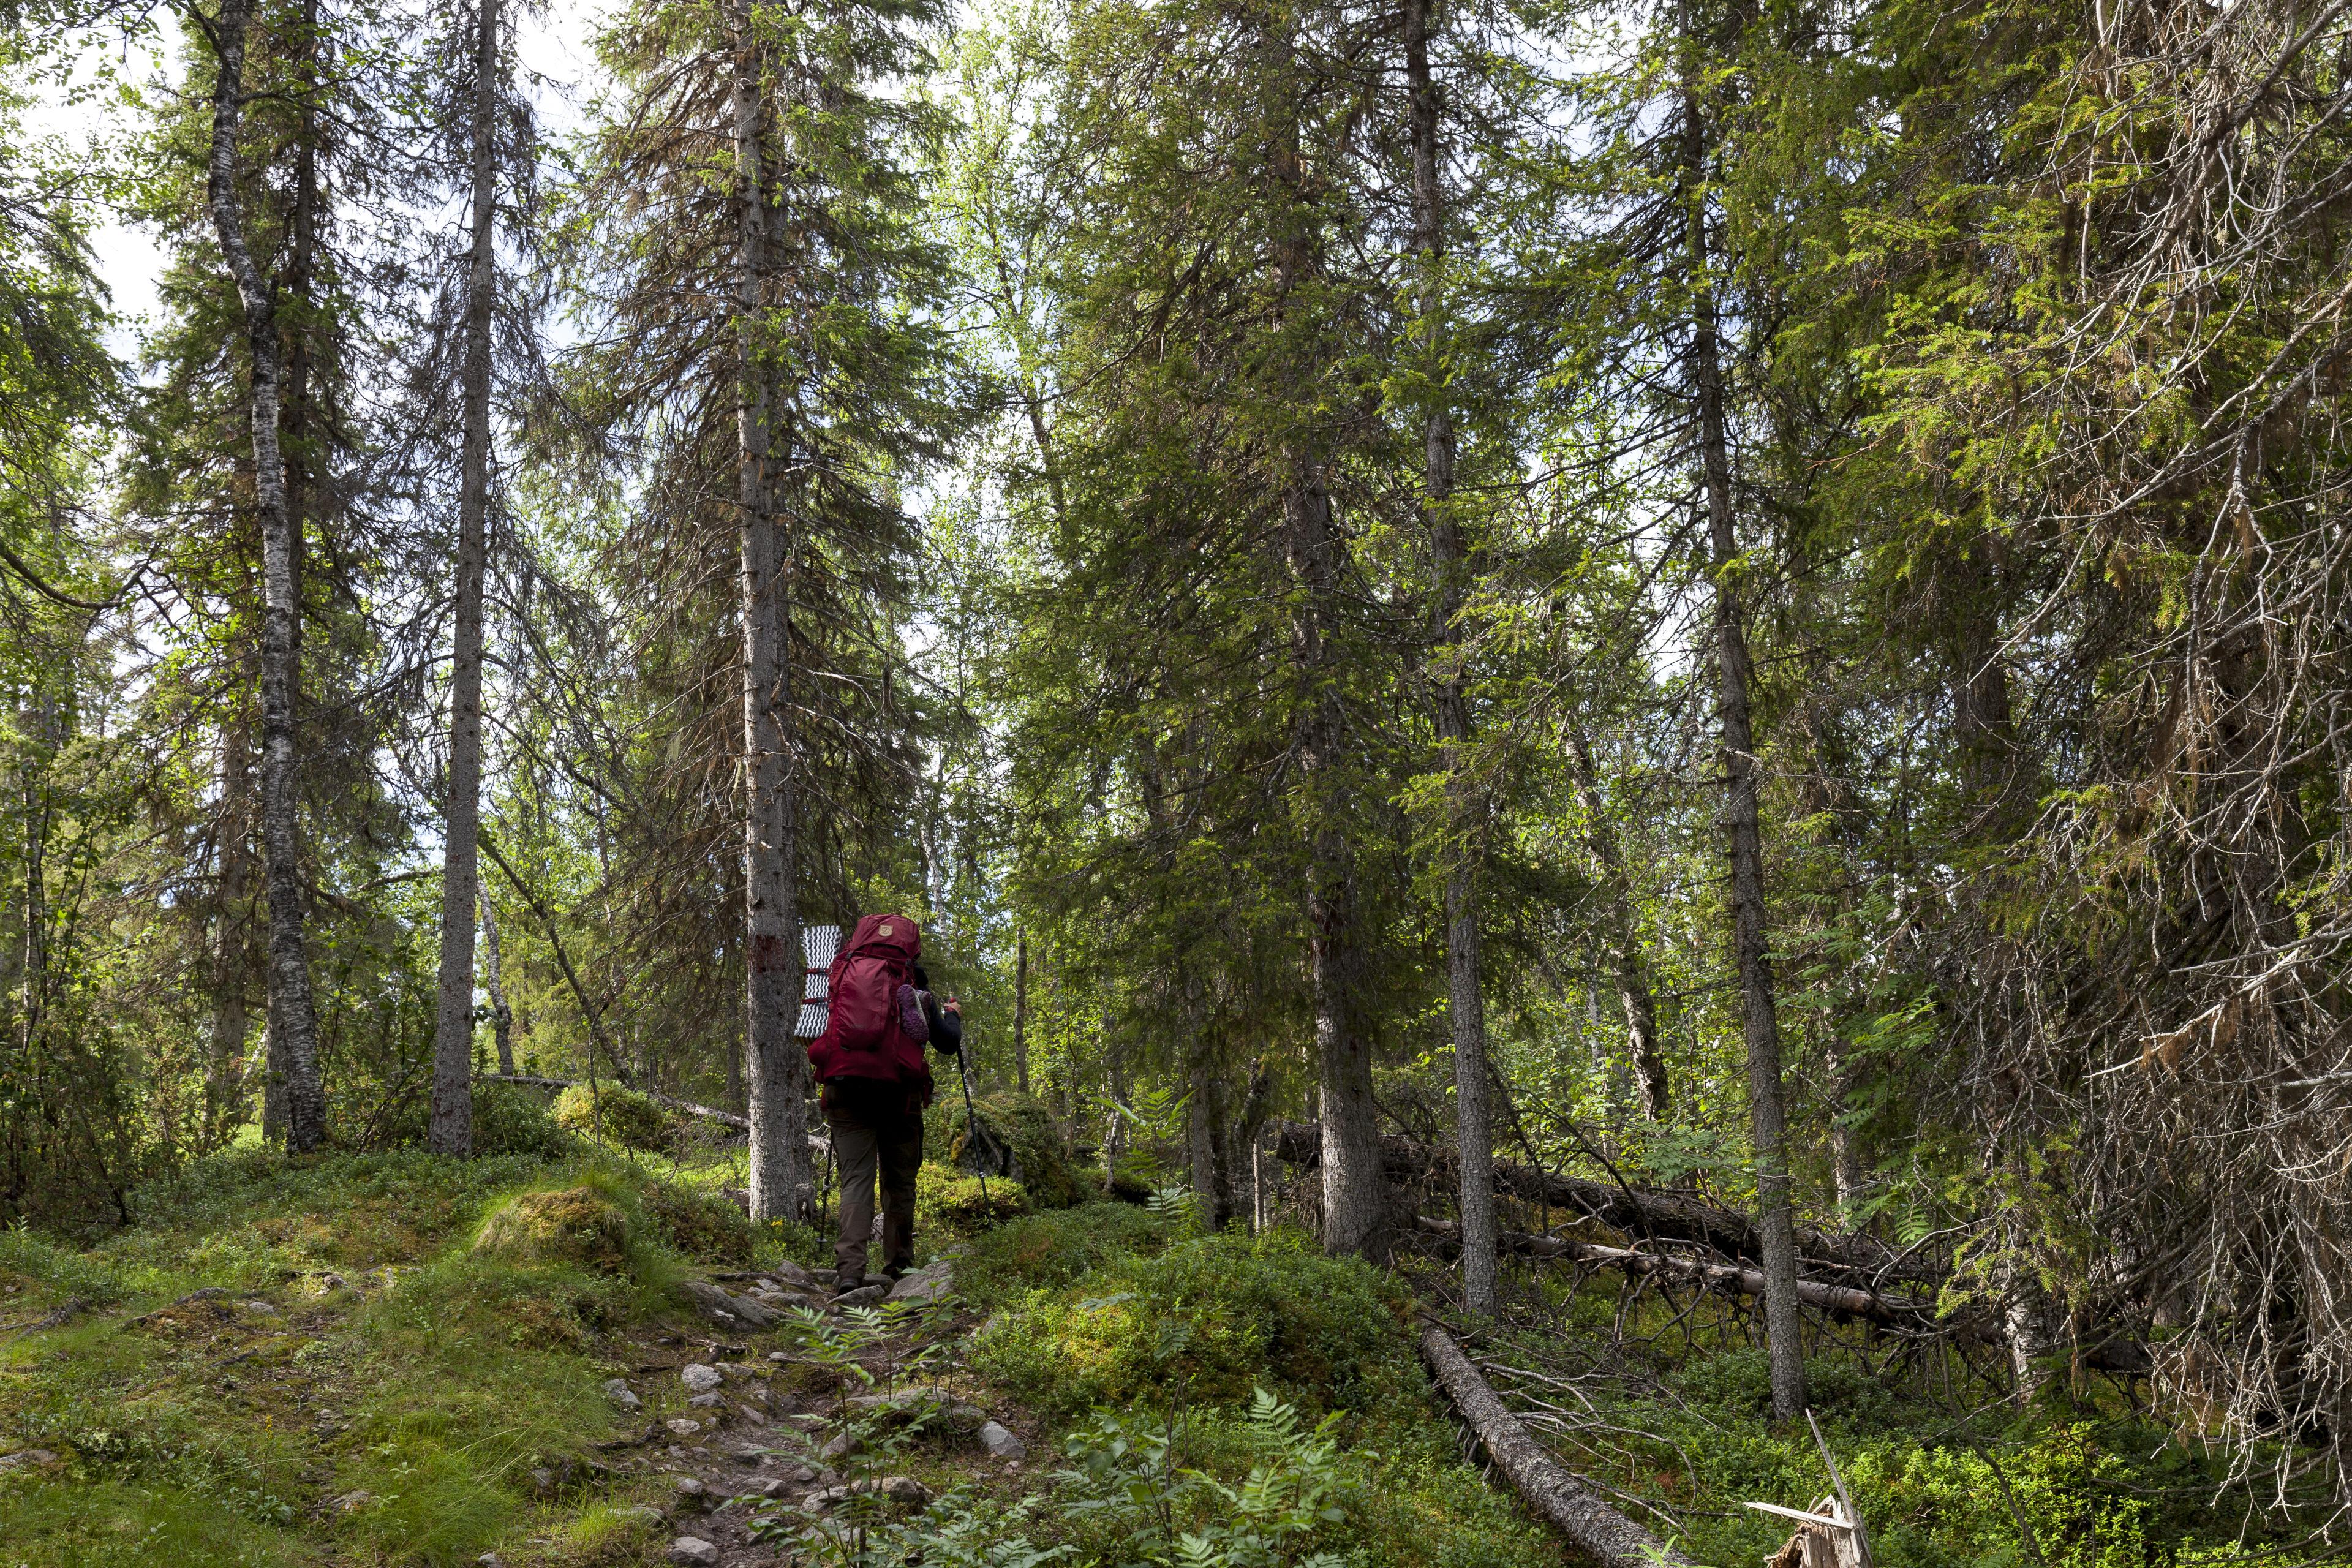 Durch Wald und über Hügel,©Markus Proske—Canon EOS 5D Mark II, EF16-35mm f/4L IS USM, 35mm, 1/80s, Blende 8, ISO 400